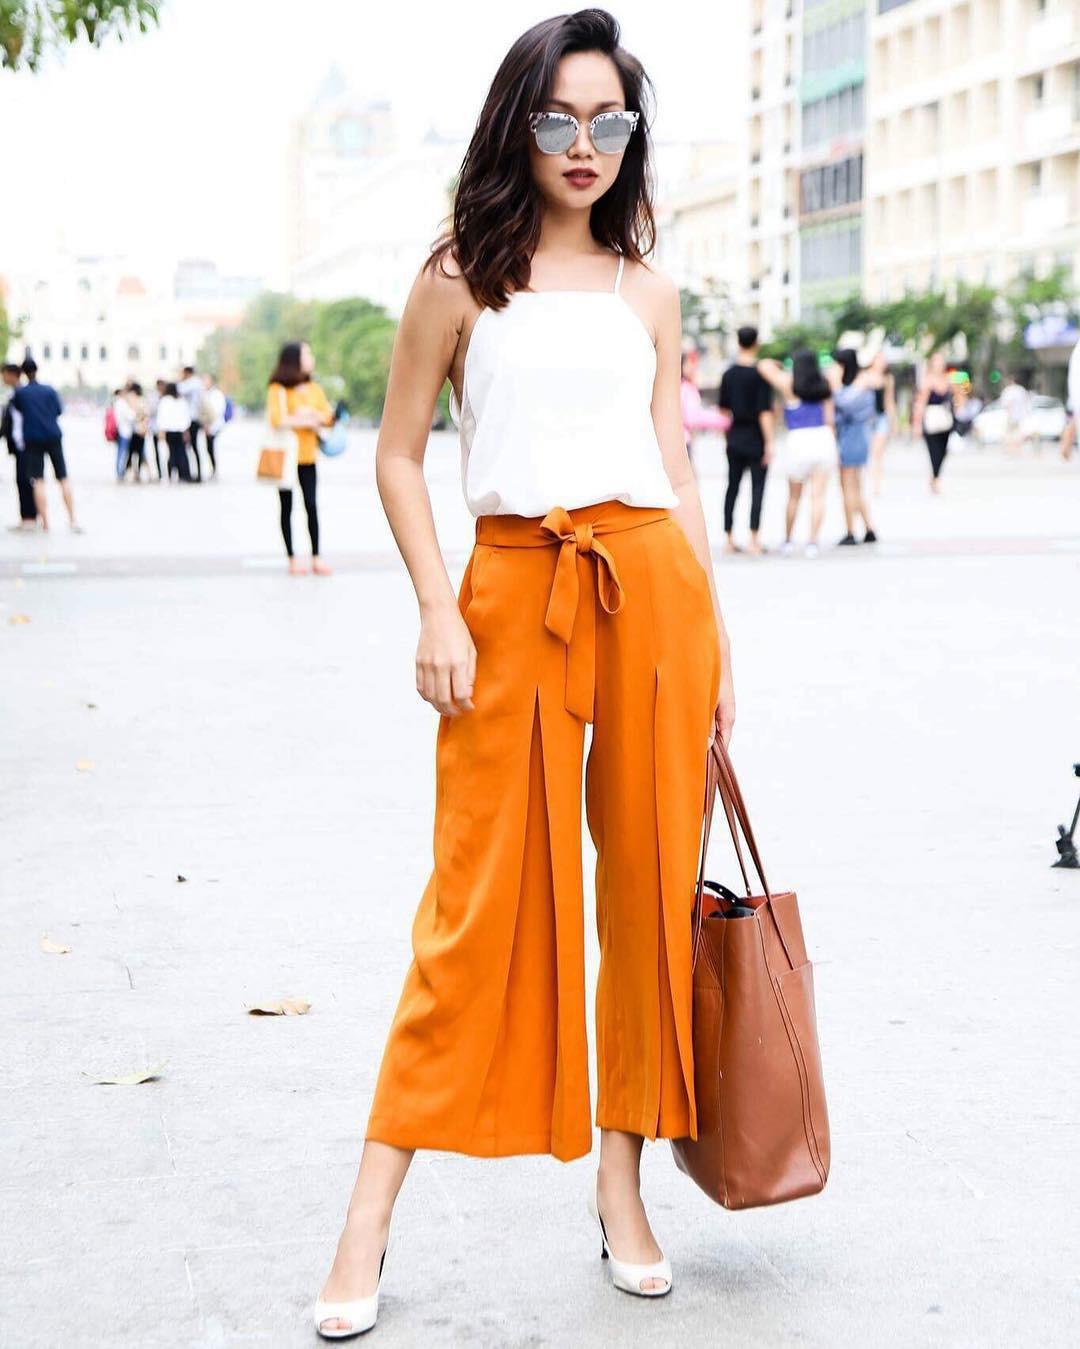 Da nâu không hề khó mặc đồ, thậm chí còn mặc siêu đẹp nếu bạn theo những tông này - Ảnh 2.